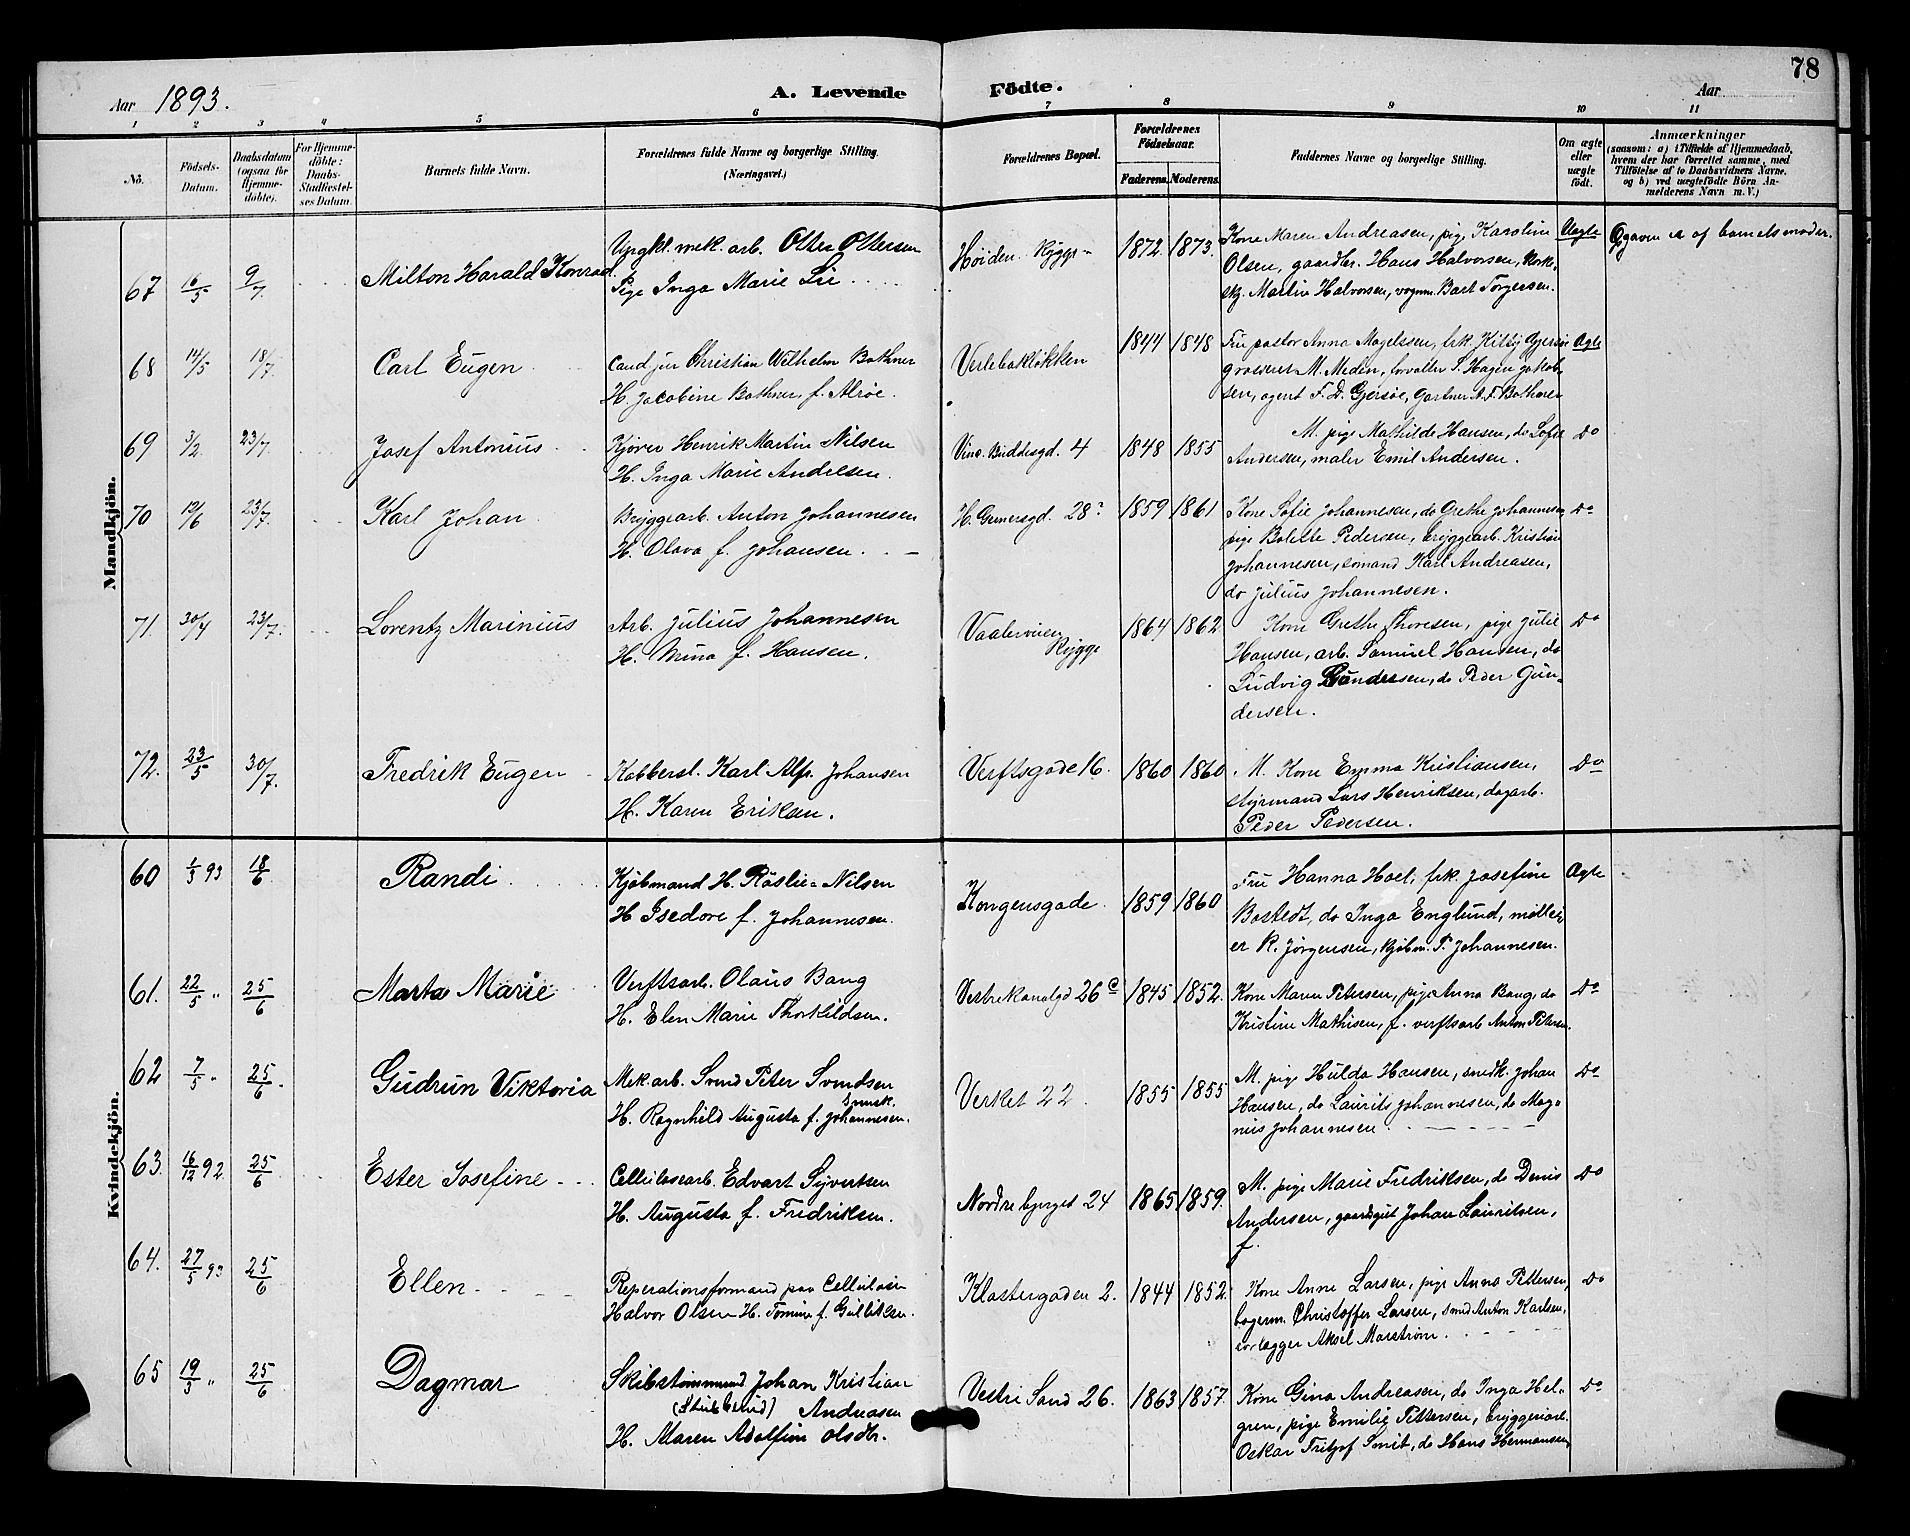 SAO, Moss prestekontor Kirkebøker, G/Ga/L0006: Klokkerbok nr. I 6, 1889-1900, s. 78